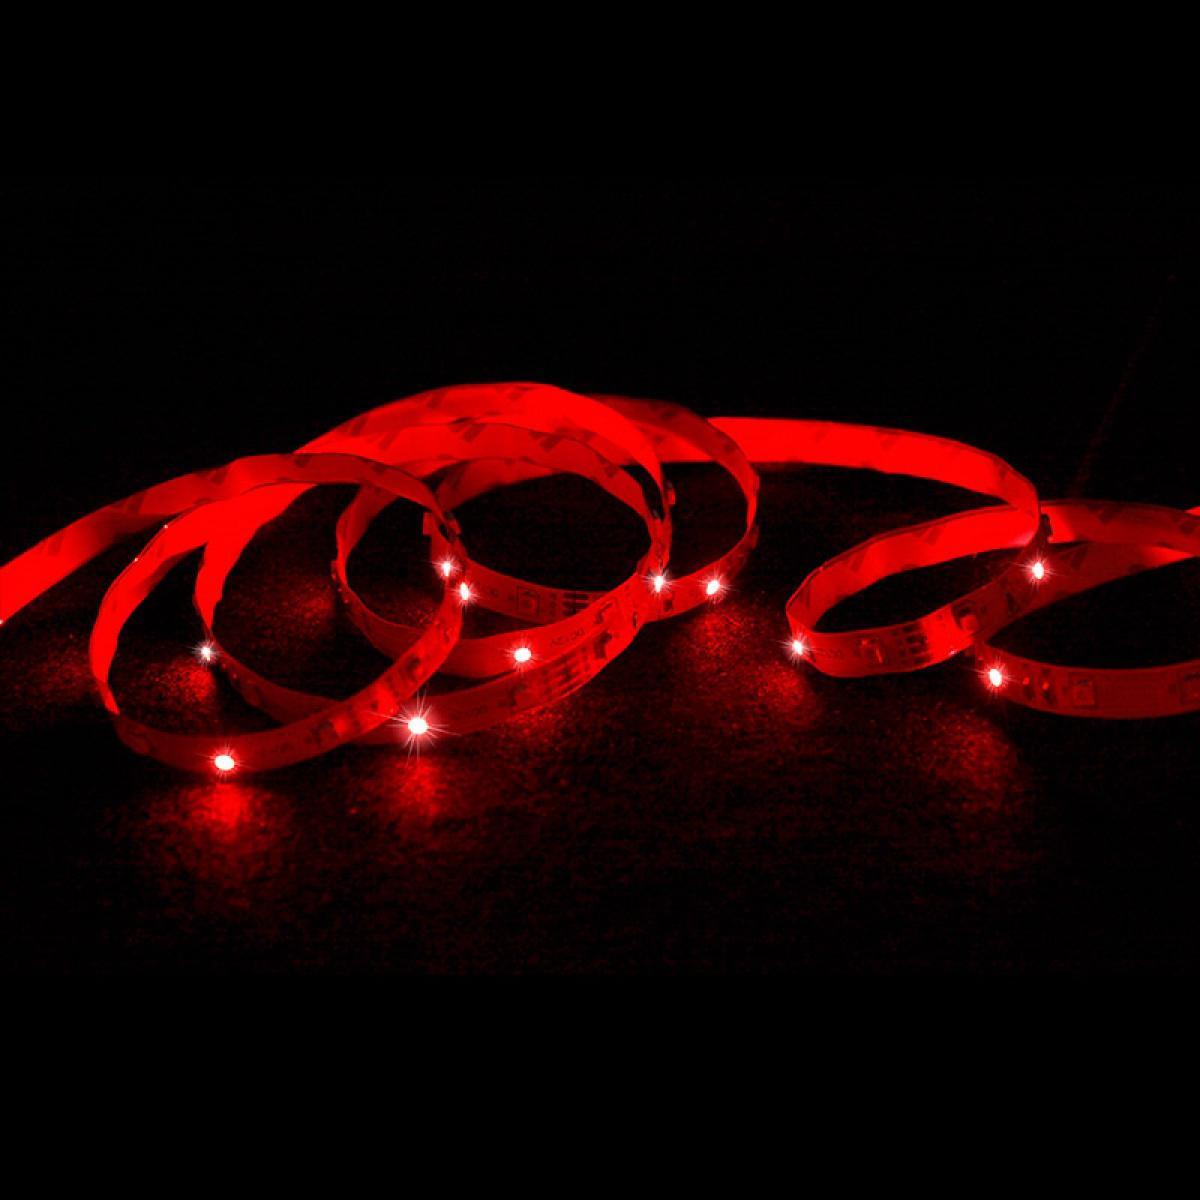 Ecd Germany ECD Germany Set 1x 20m (4x5m) Bande de LED RGB blanc SMD 3528 + 1x Transformateur 5A 60W 12V câble pour prise EU + 1x Té